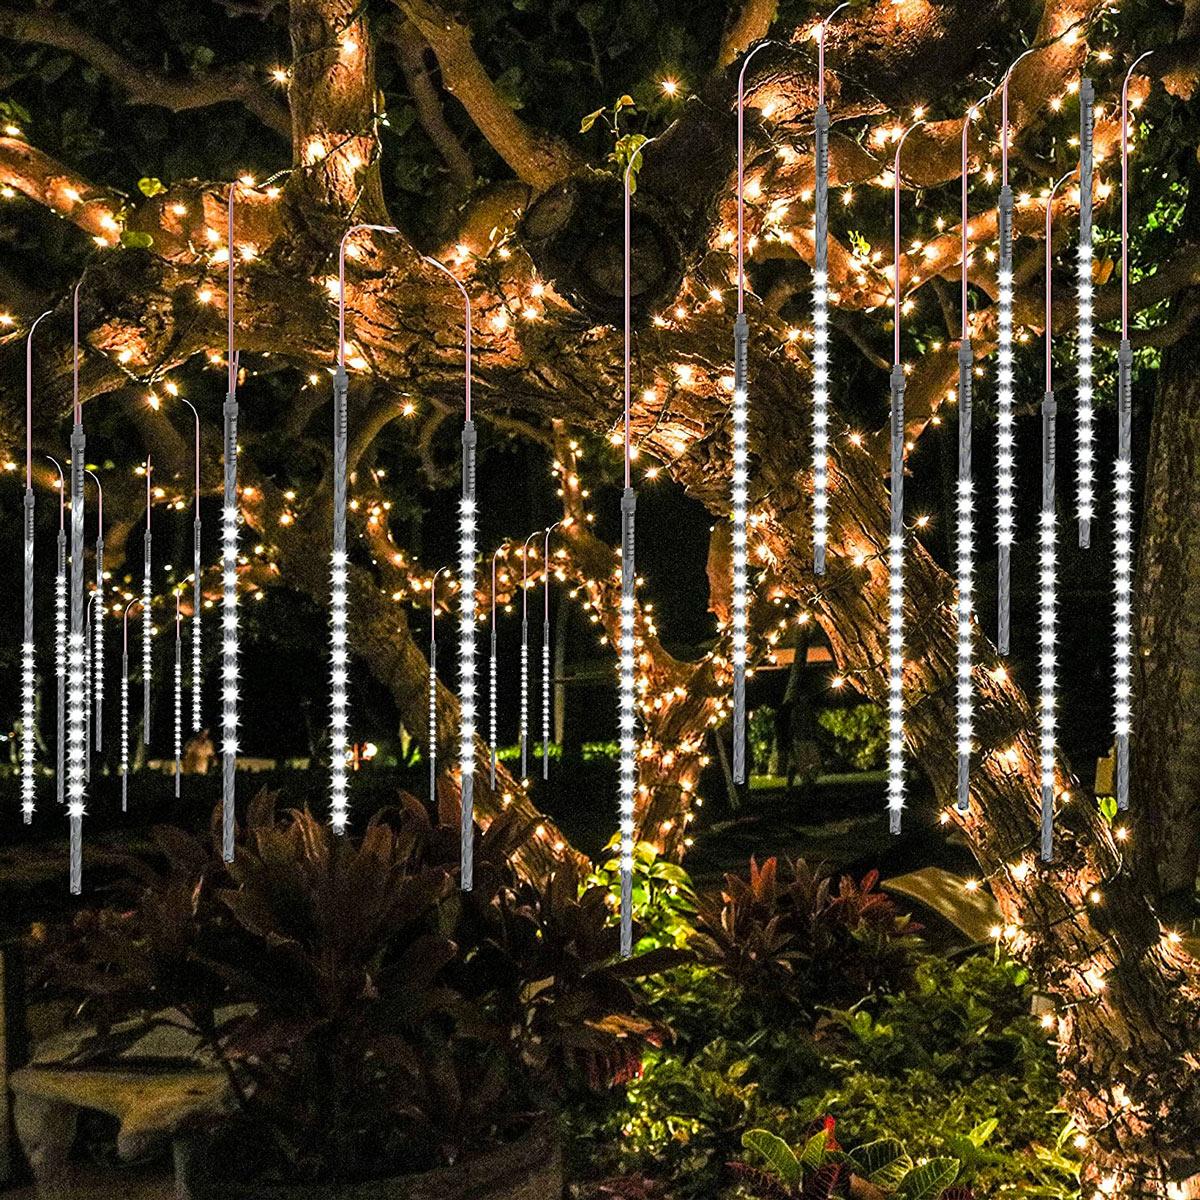 Albero illuminato con luci a catena per Natale.